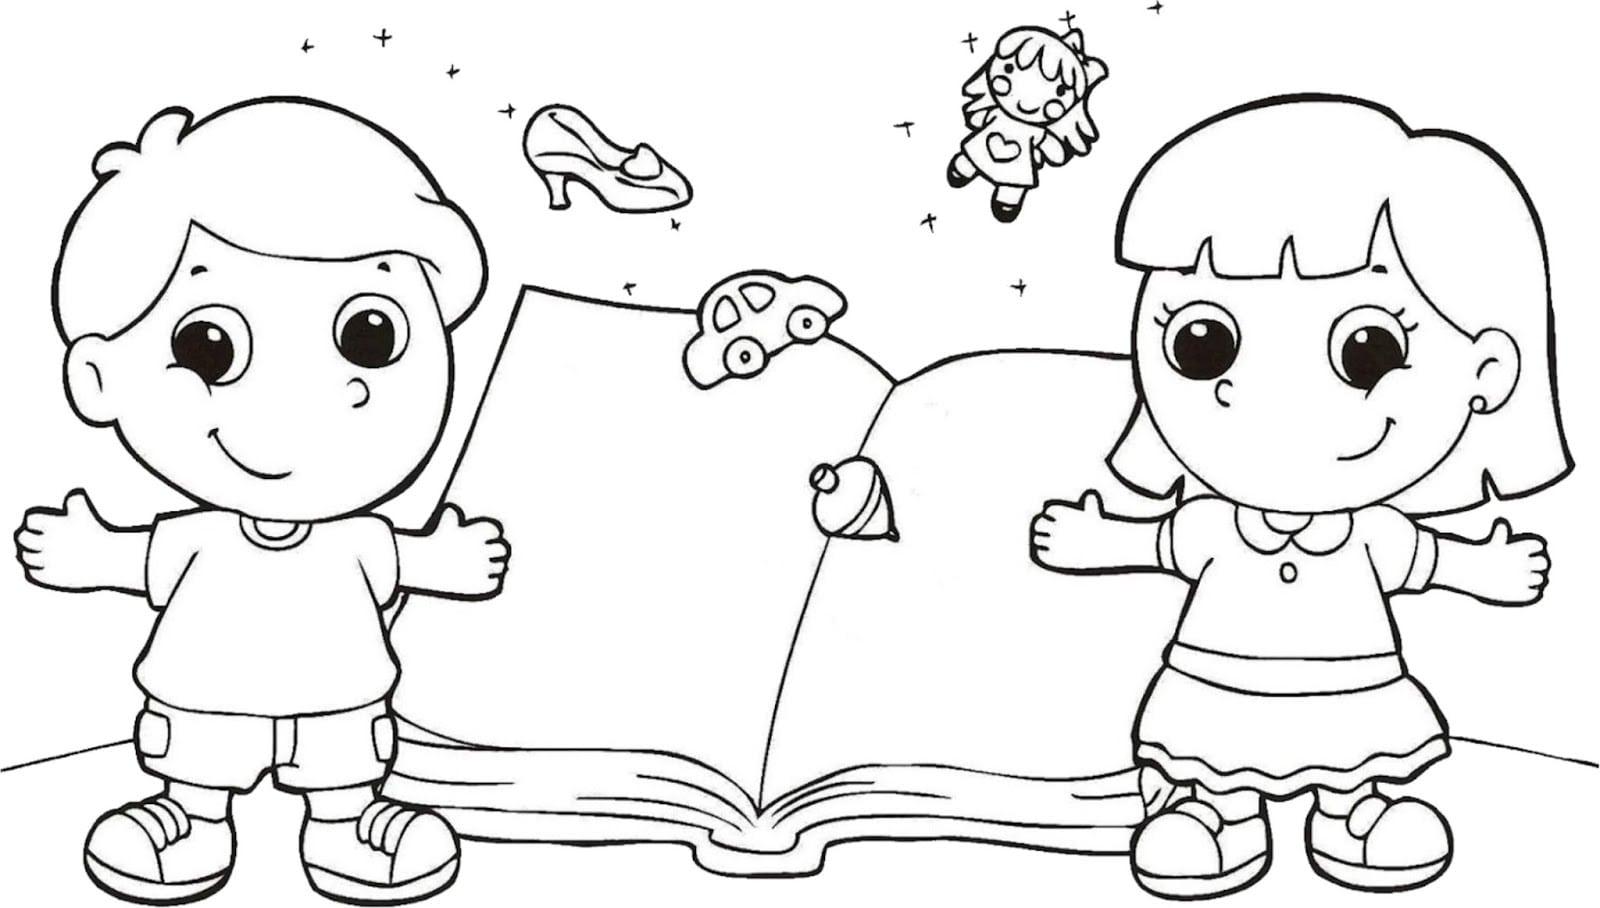 Dibujos Ideia Criativa  Desenho Do Dia Do Livro Infantil Para Colorir